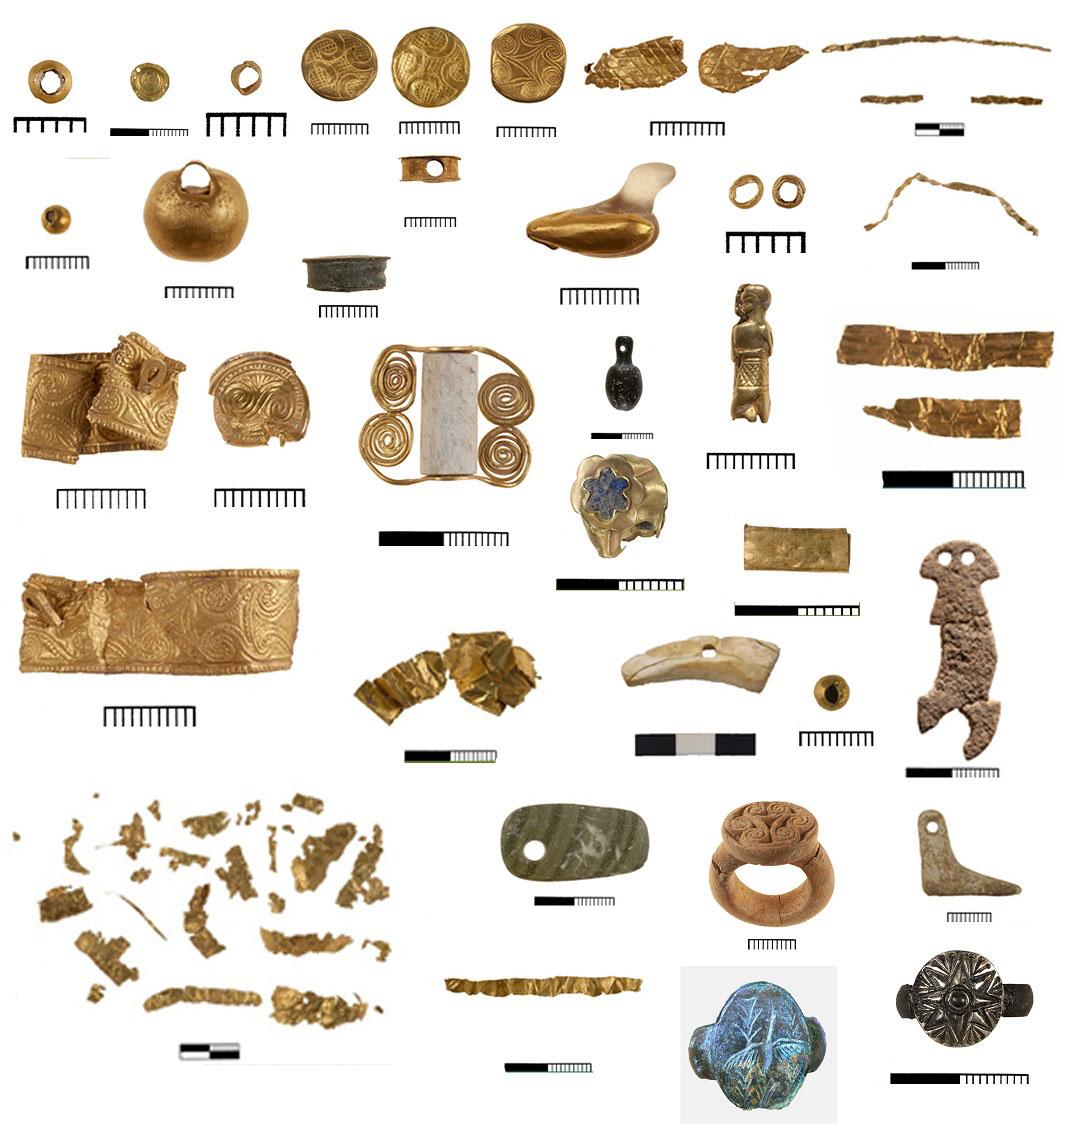 Κτερίσματα από την ανασκαφή του νεκροταφείου στον Πετρά Σητείας. © ΥΠΠΟΑ.